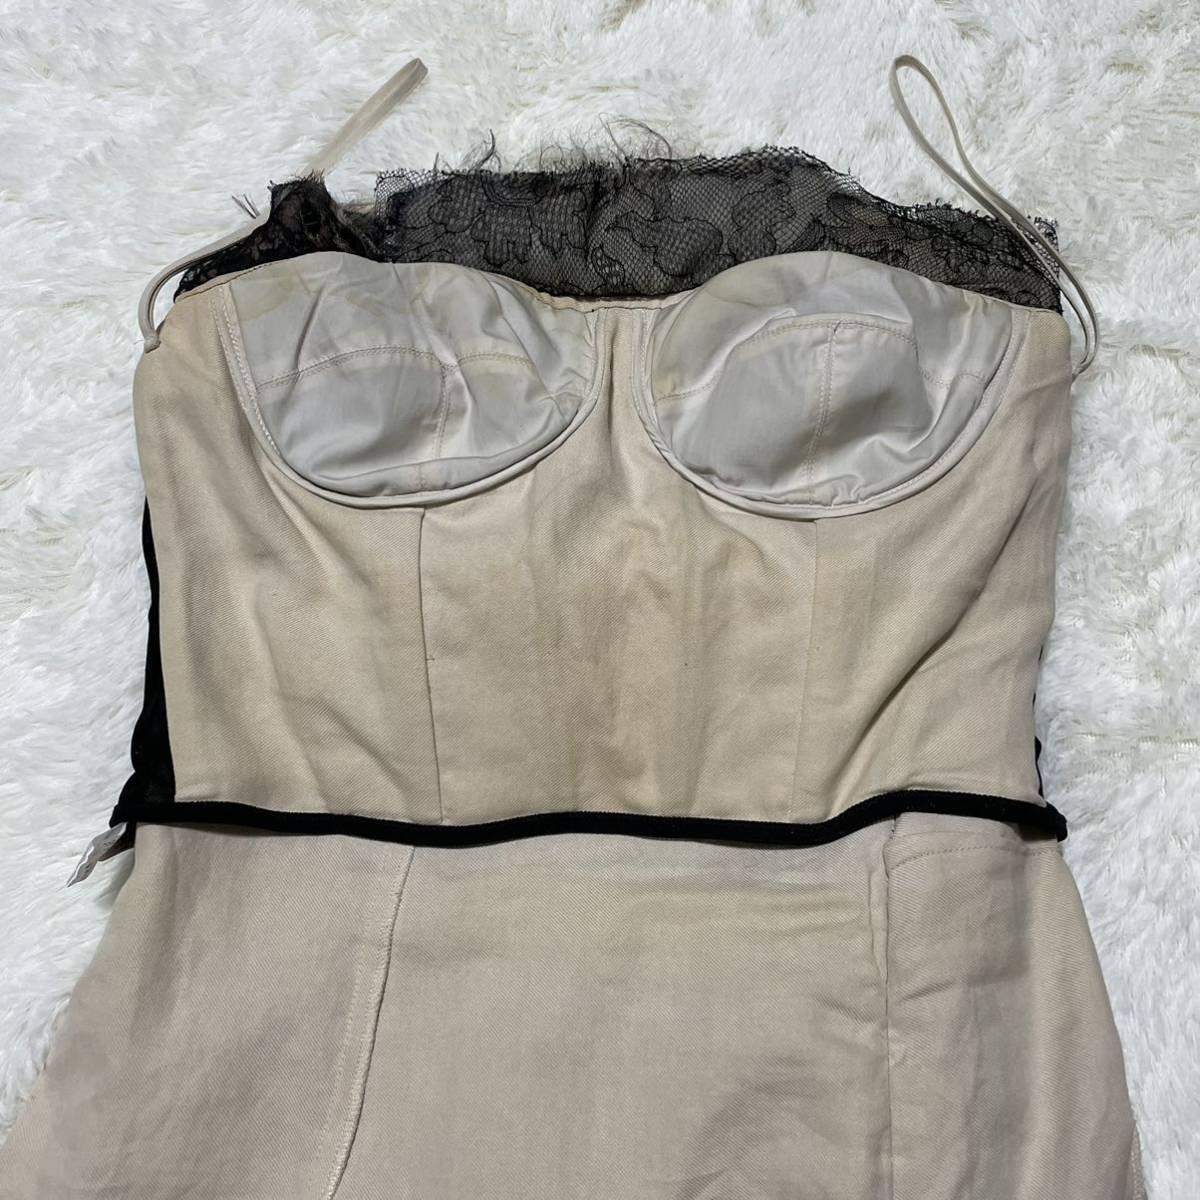 本物 コレクションモデル ボッテガヴェネタ シルク混 レース ギャザーレイヤード オフショルダー ワンピース ドレス 38 BOTTEGA VENETA_画像8